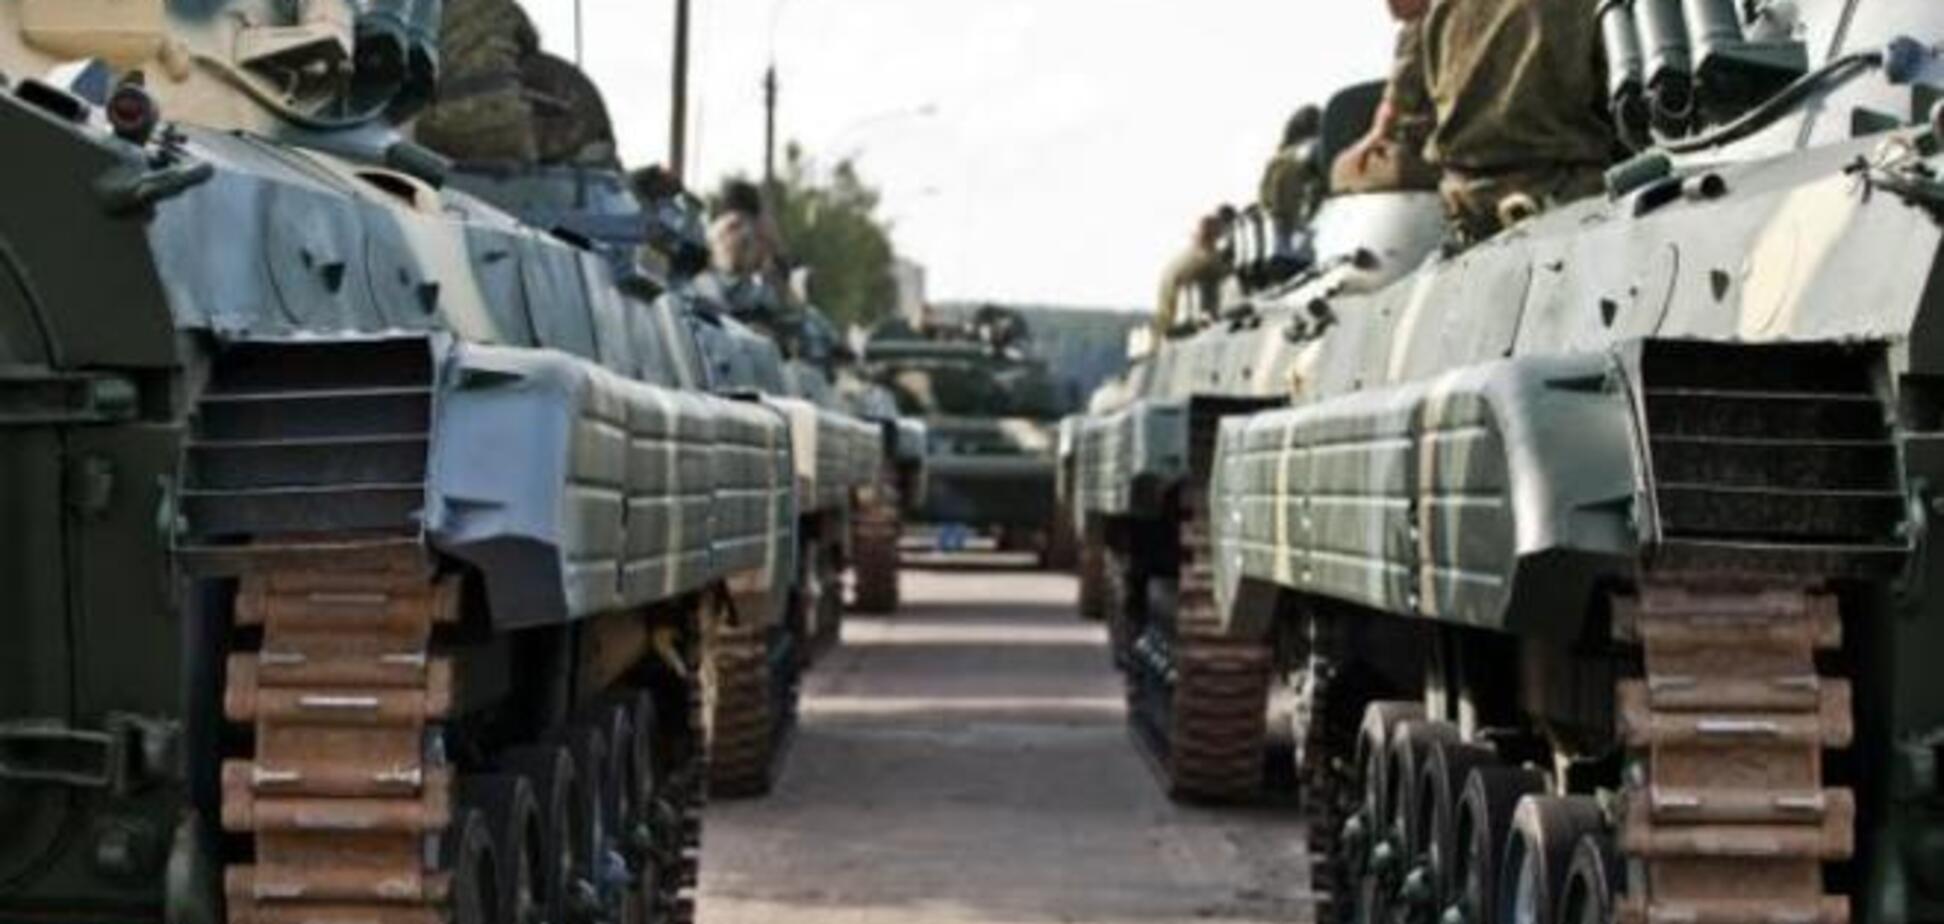 Минобороны открестилось от военной техники в Киеве, которую анонсировала КГГА